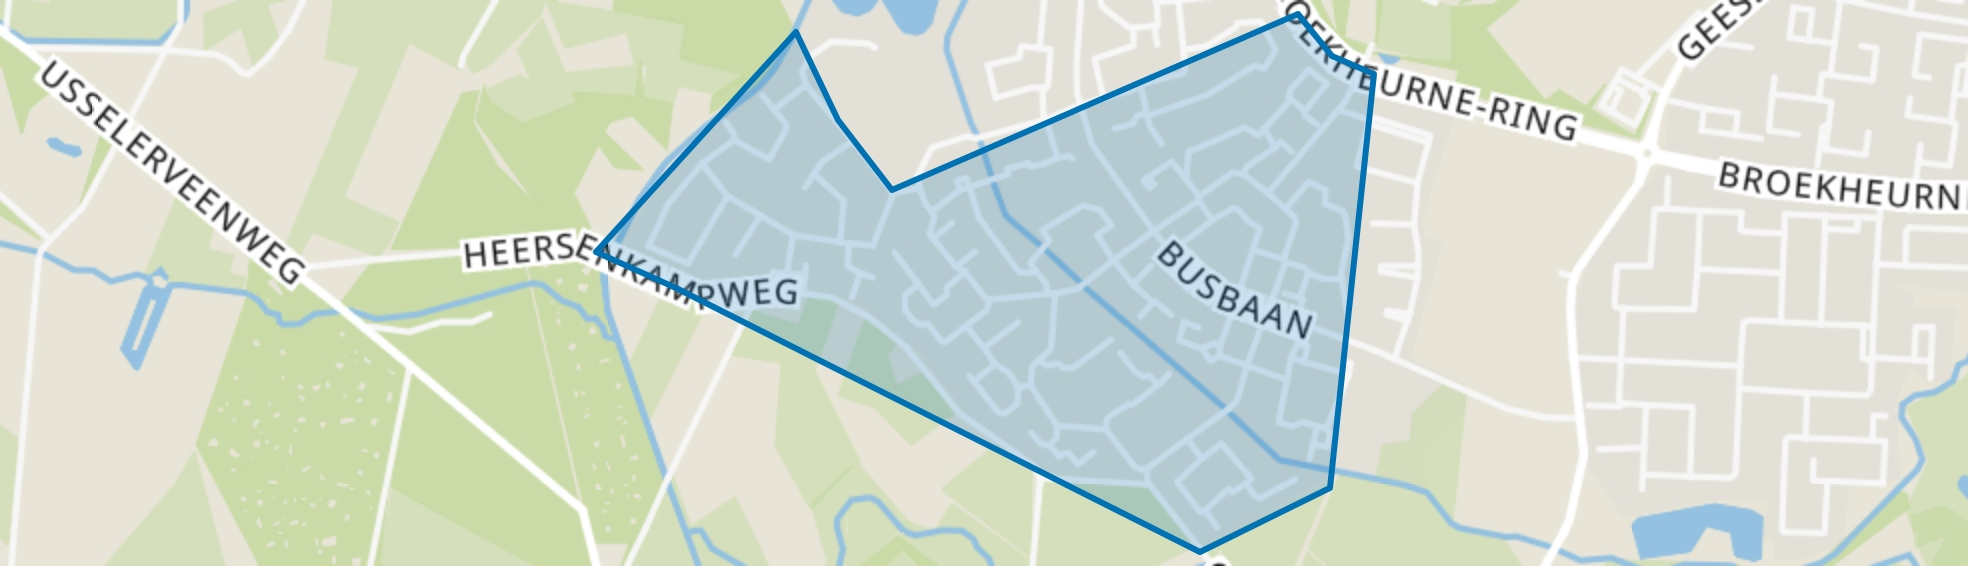 Helmerhoek-Zuid, Enschede map